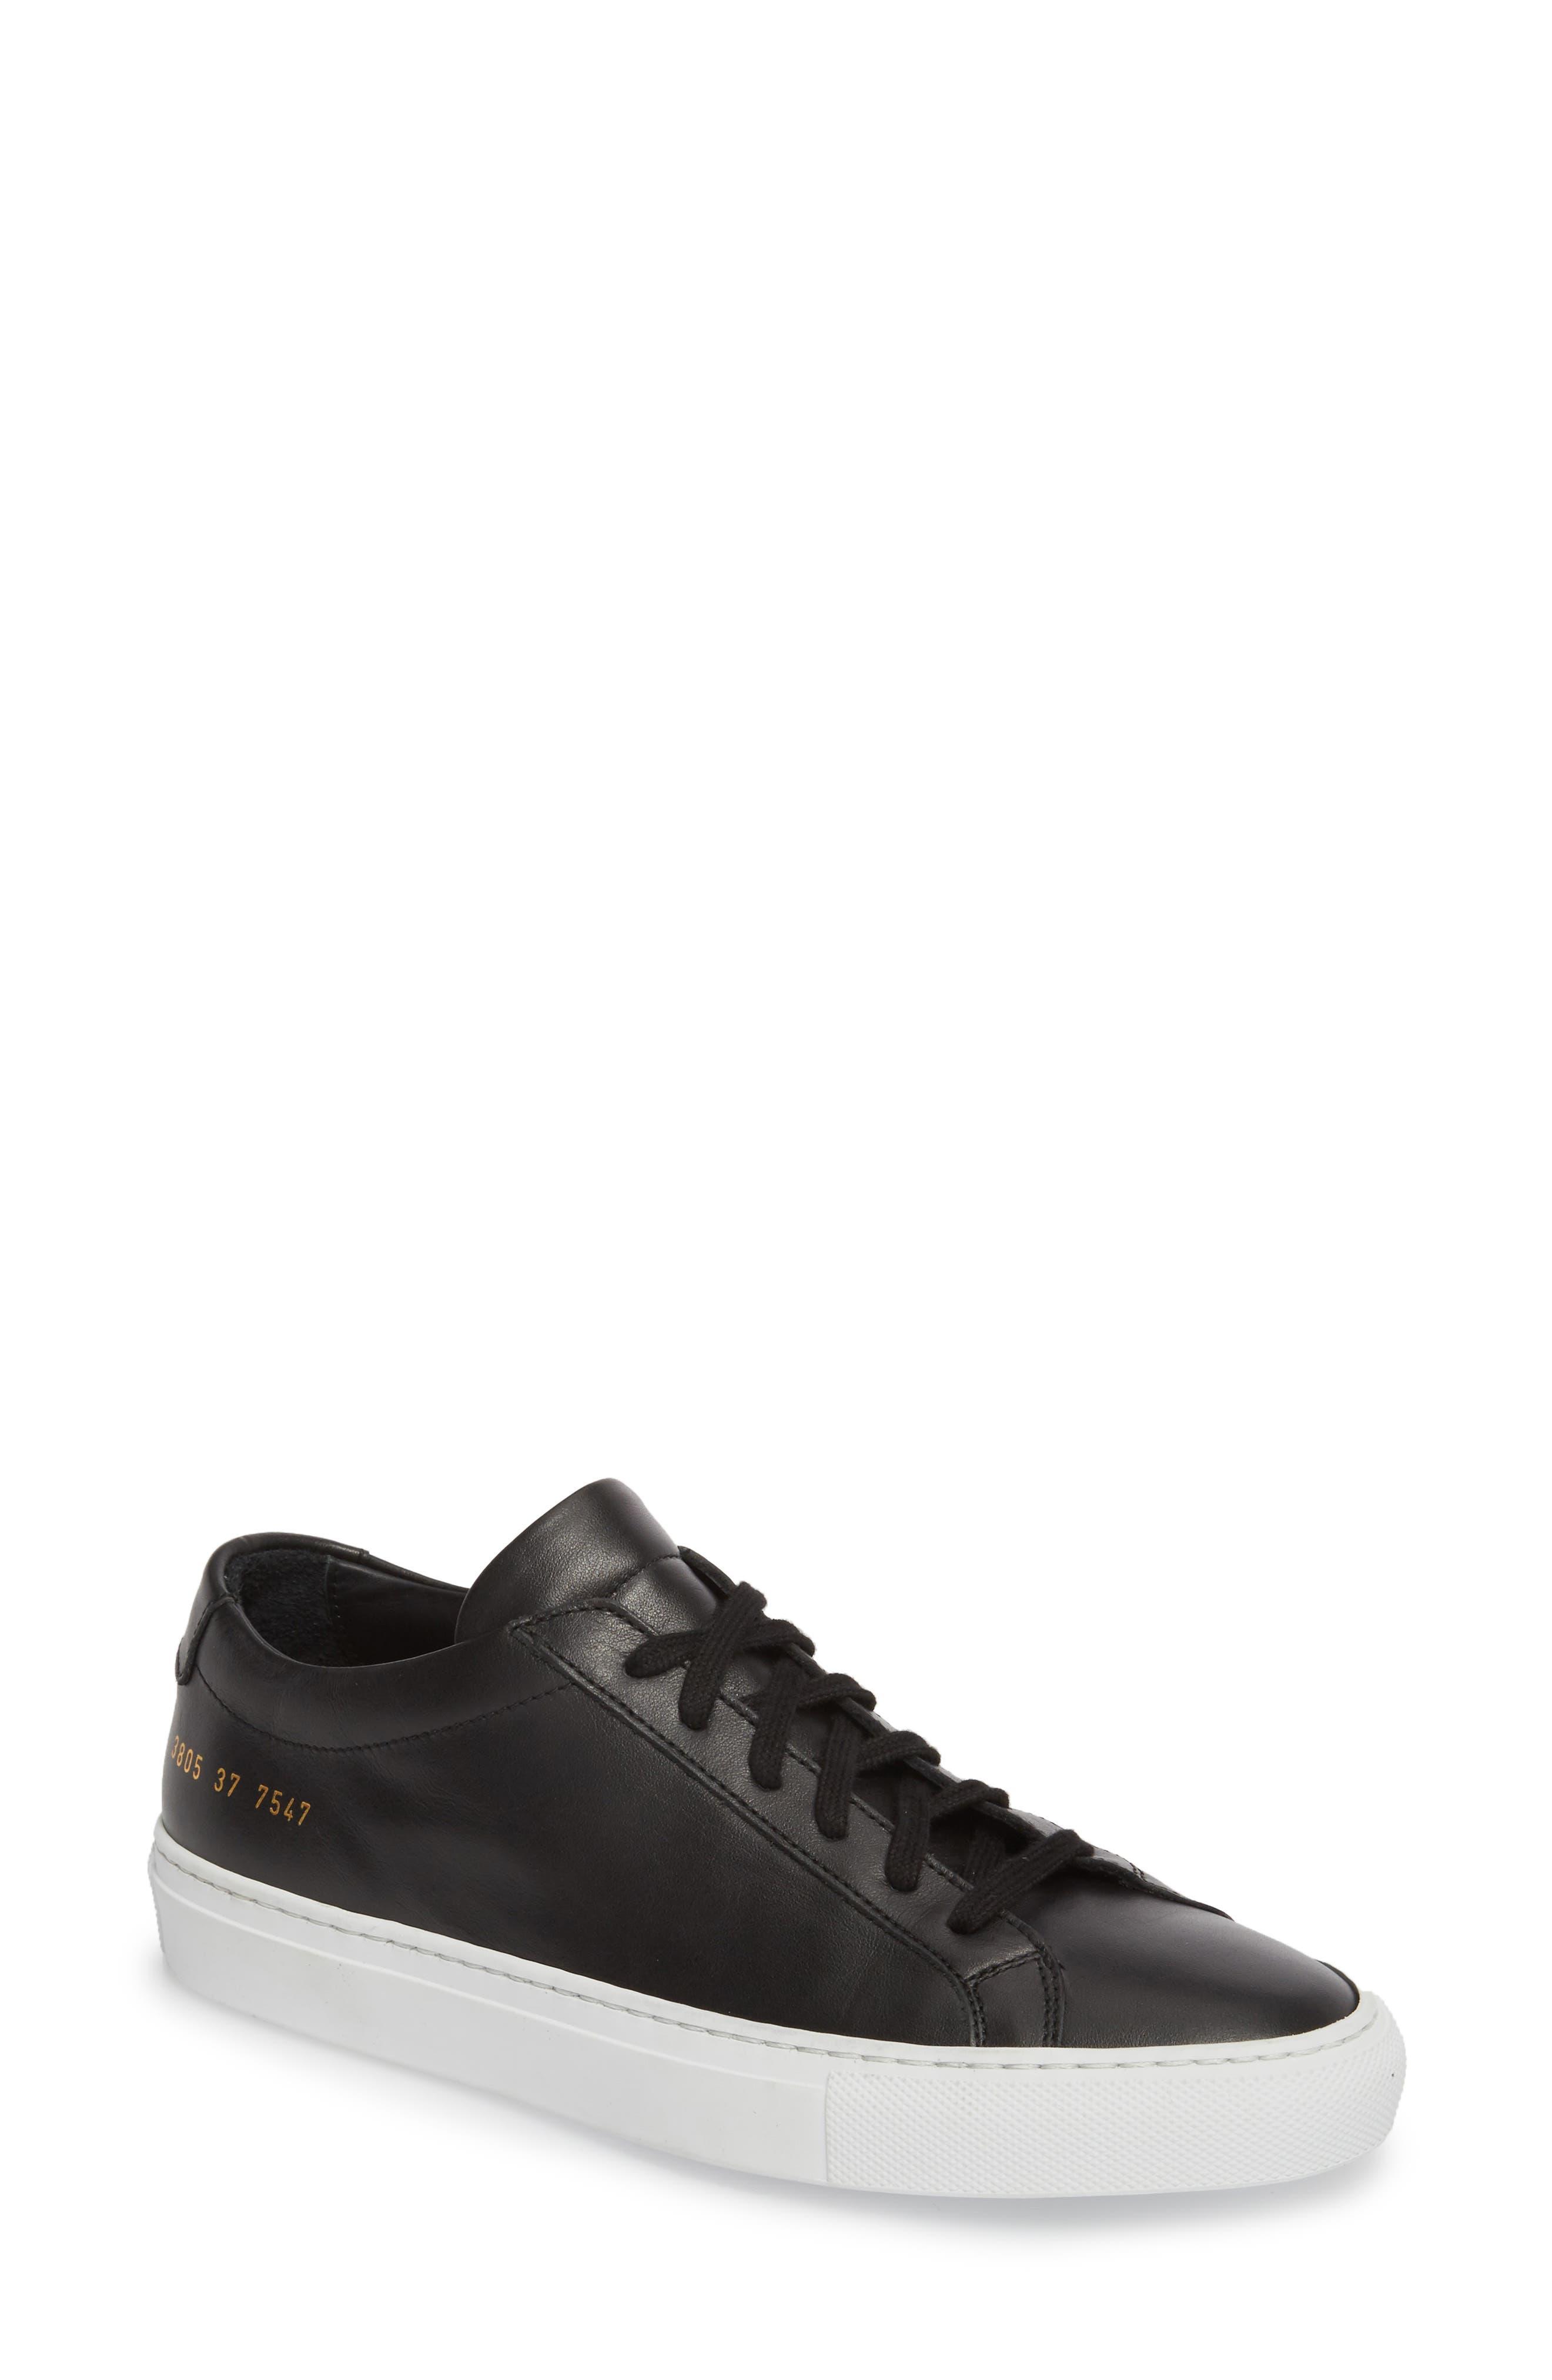 Original Achilles Low Sneaker,                             Main thumbnail 1, color,                             Black